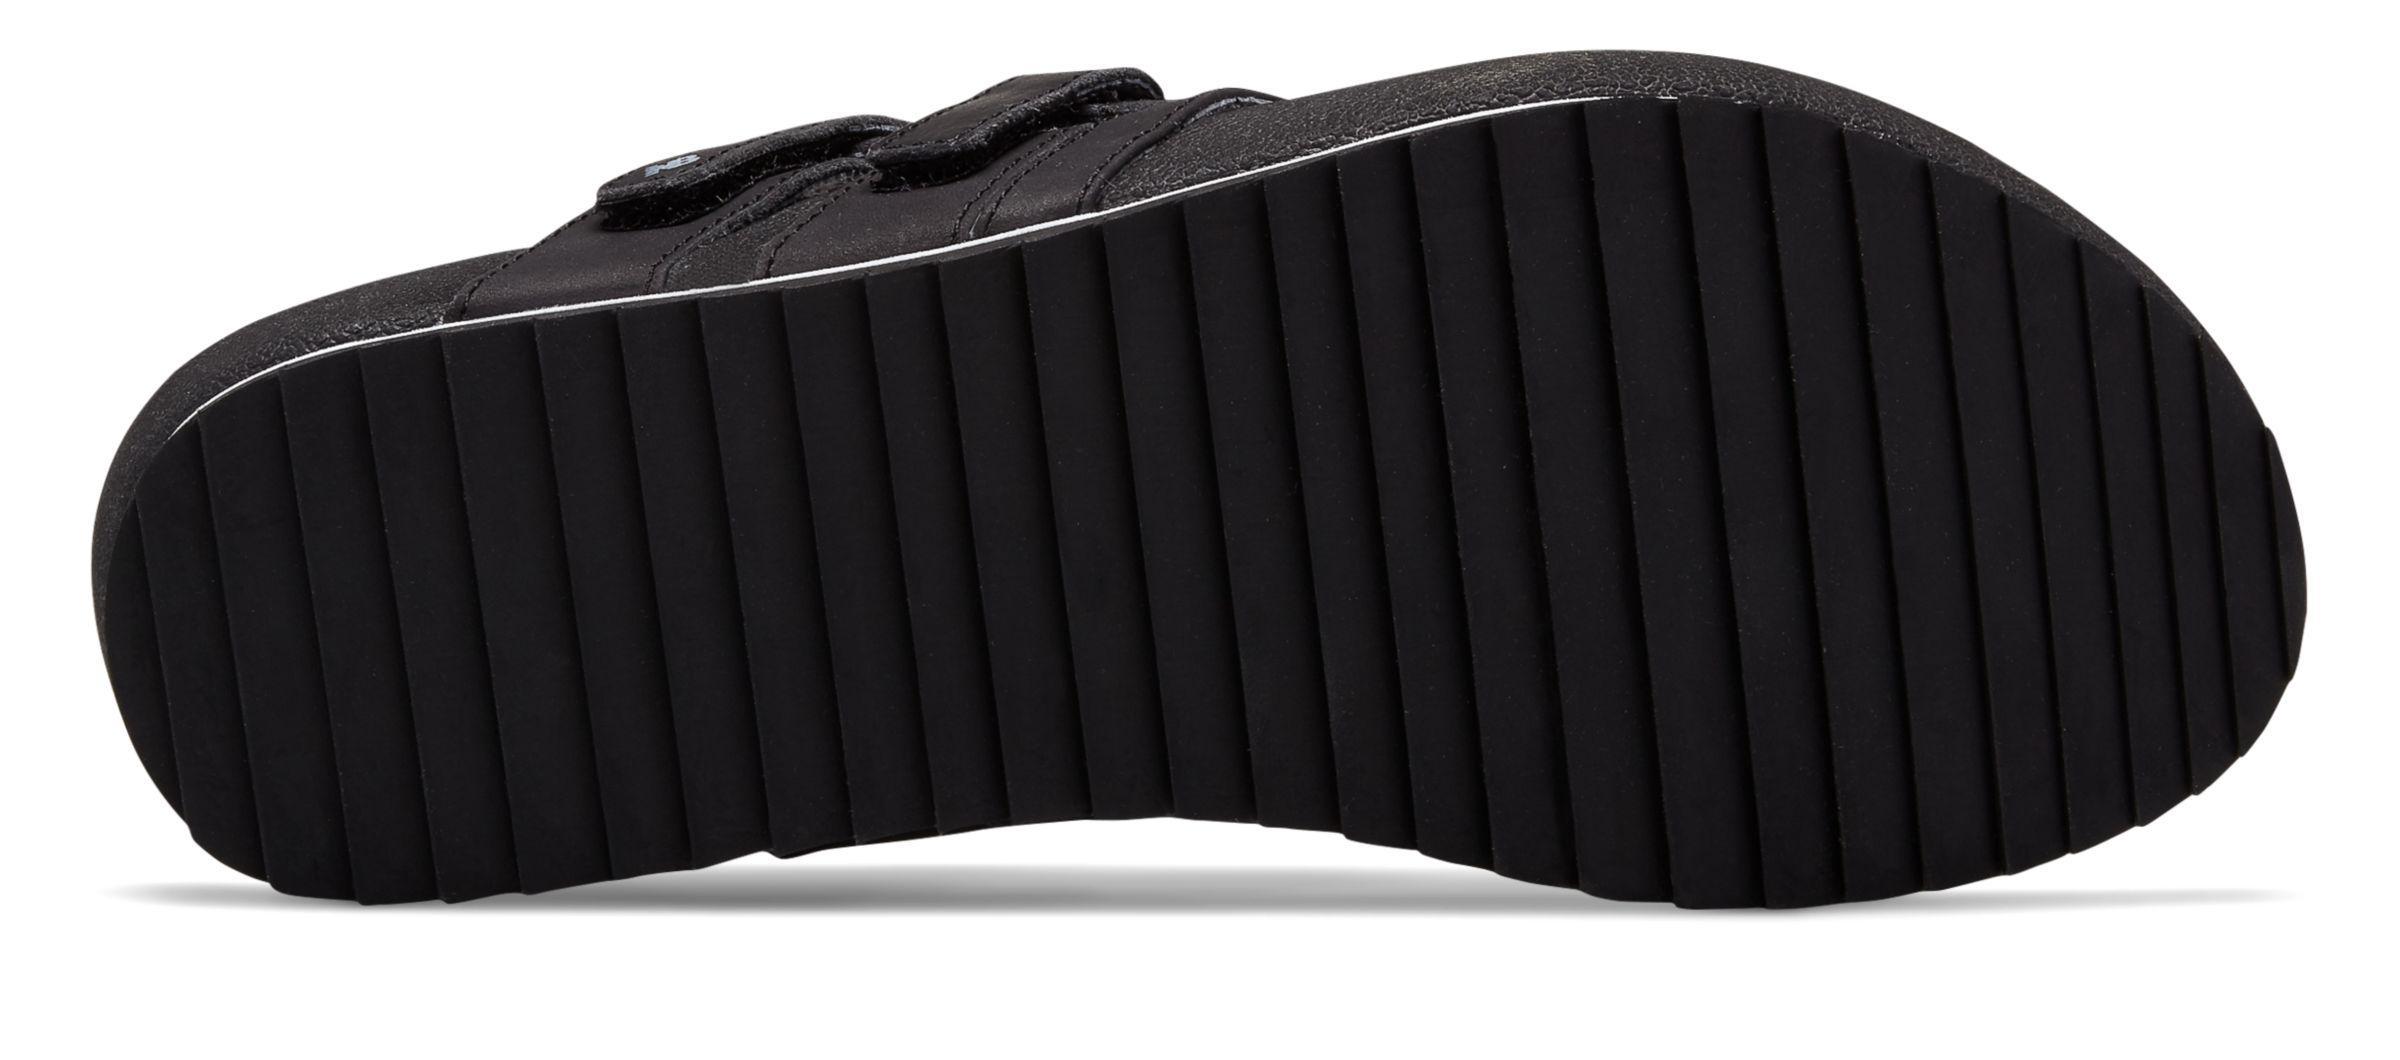 717d7a736fef Lyst - New Balance Traveler Sandal in Black